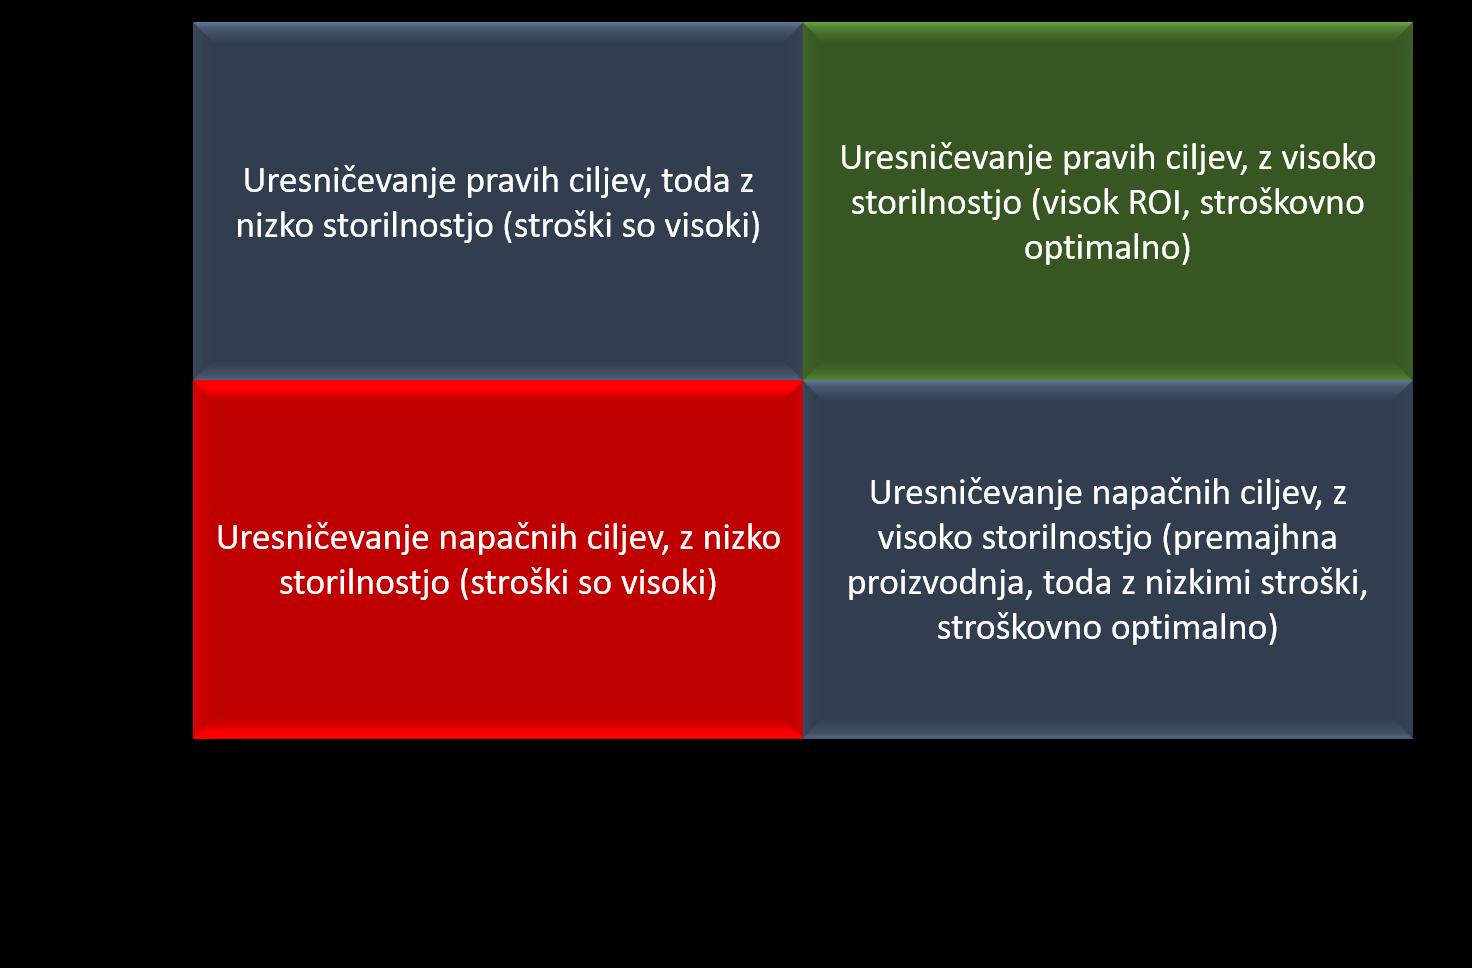 Matrika s primerjavo, kaj je to storilnost in kaj učinkovitost